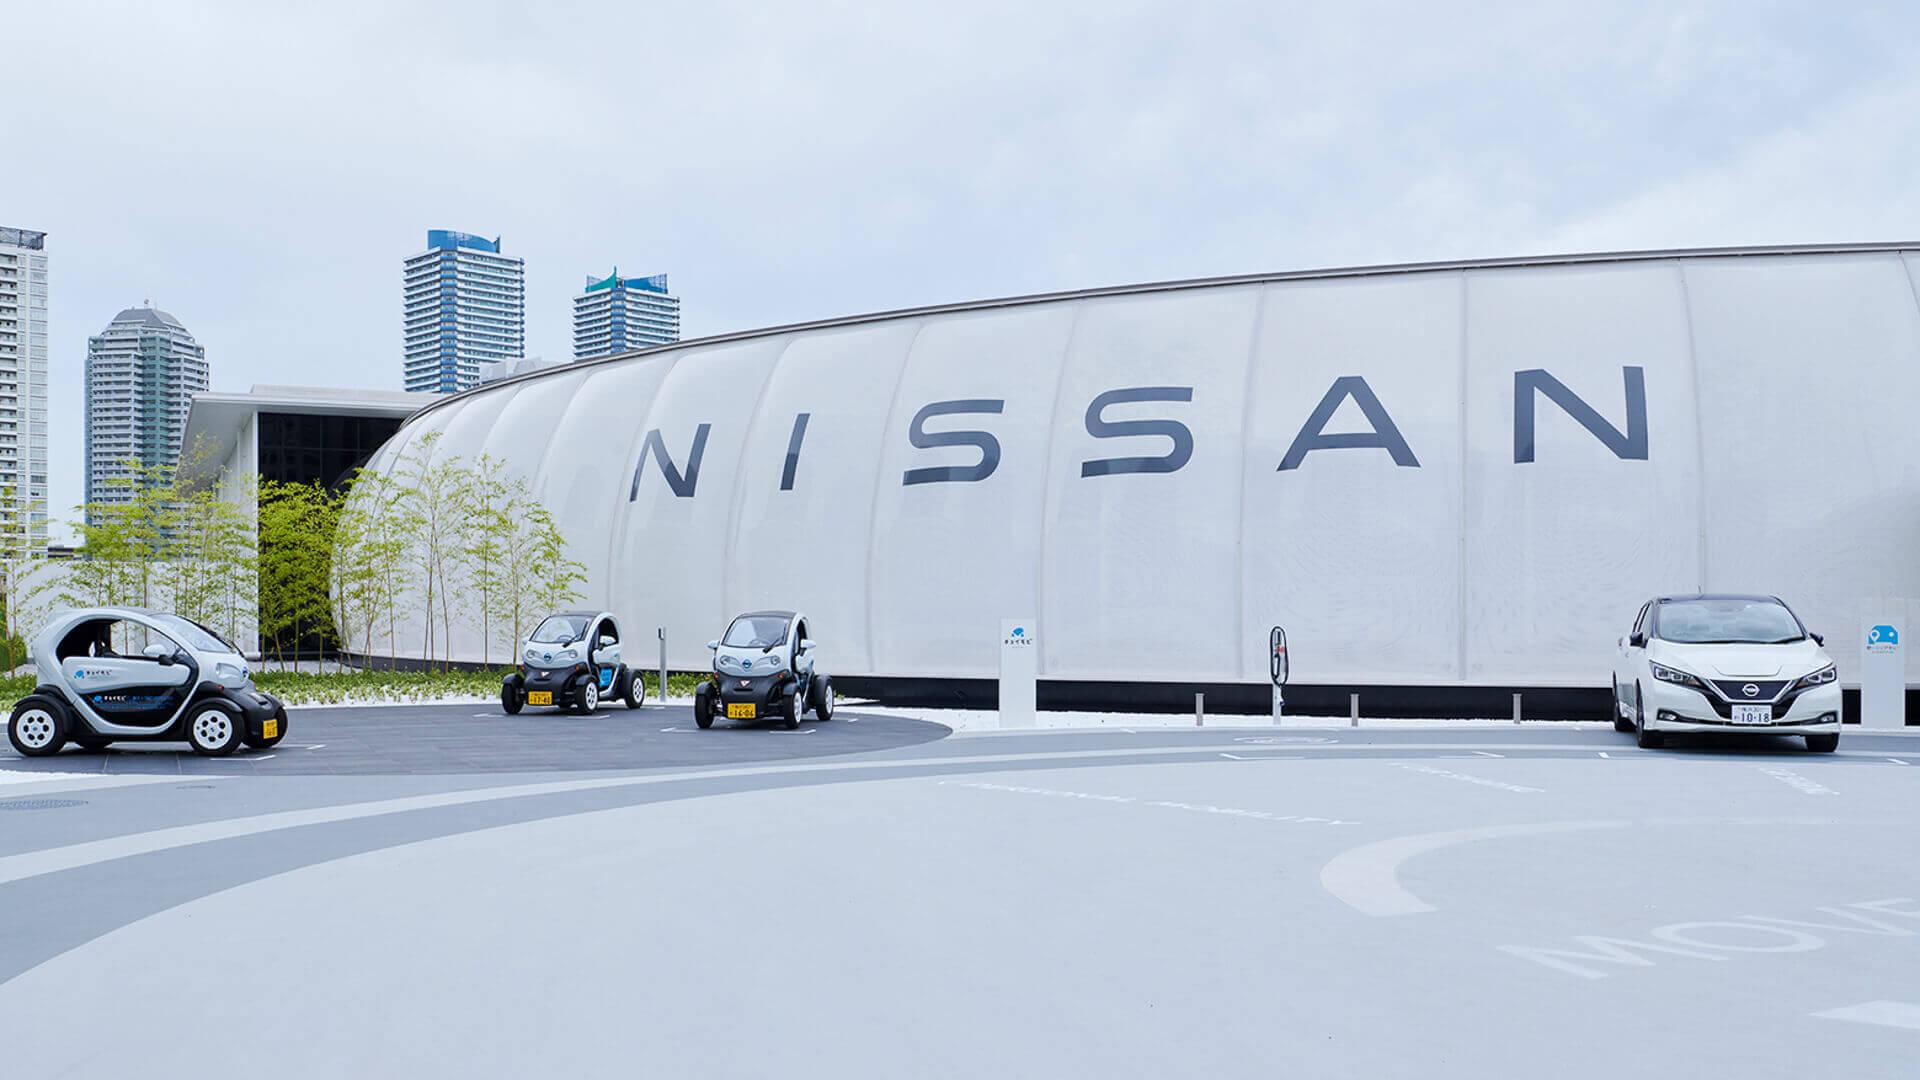 Электромобили как валюта? Nissan внедрил необычный способ оплаты за парковку